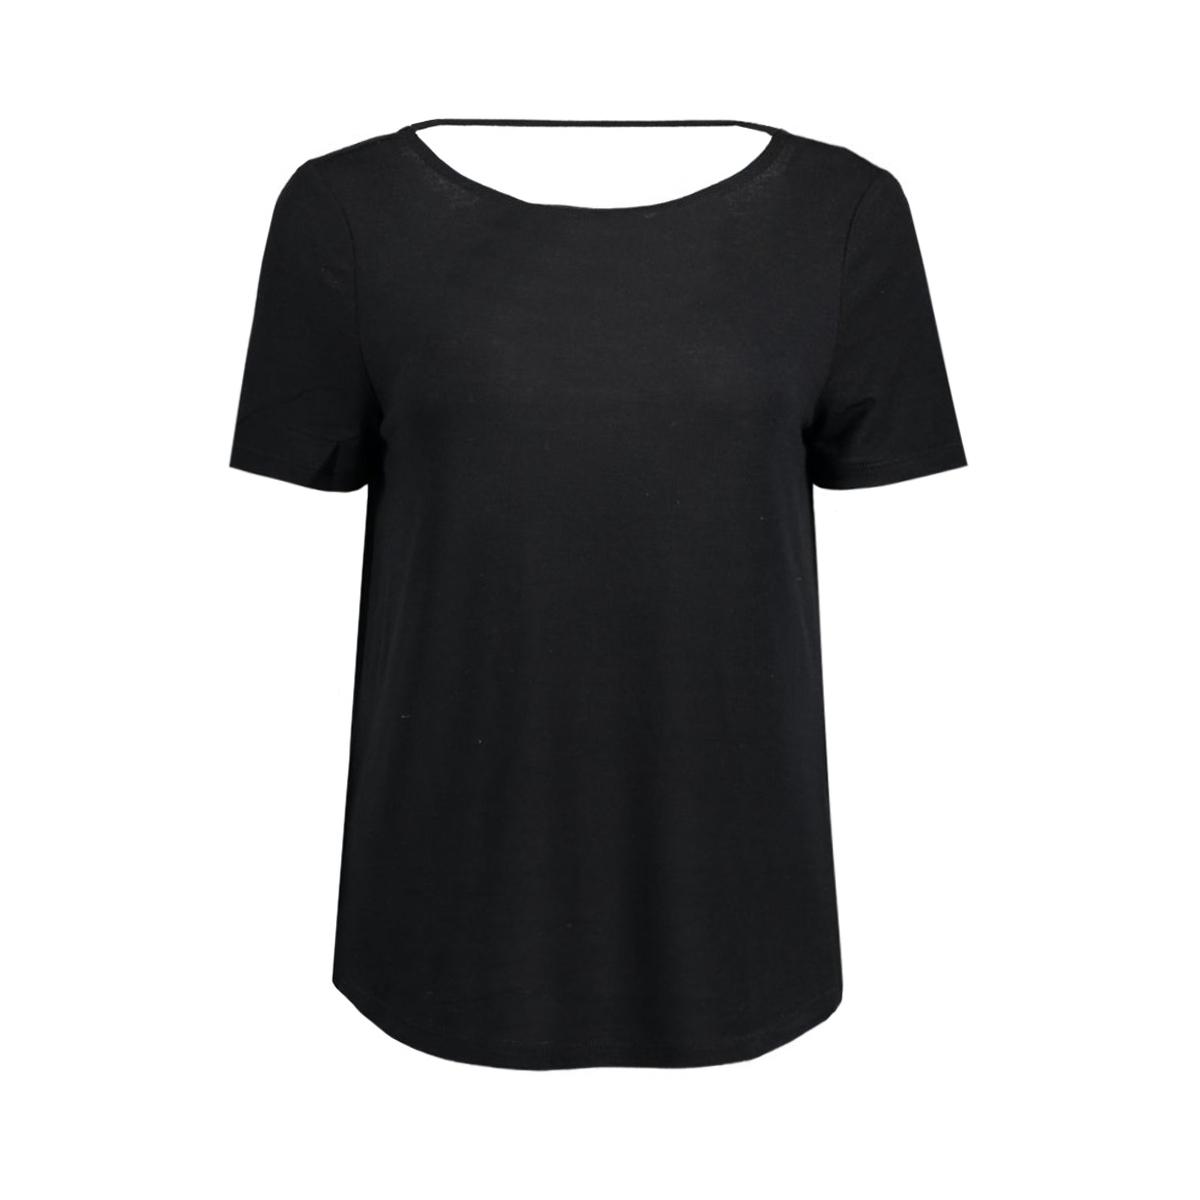 visilla melange s/s top 14038975 vila t-shirt black/melange